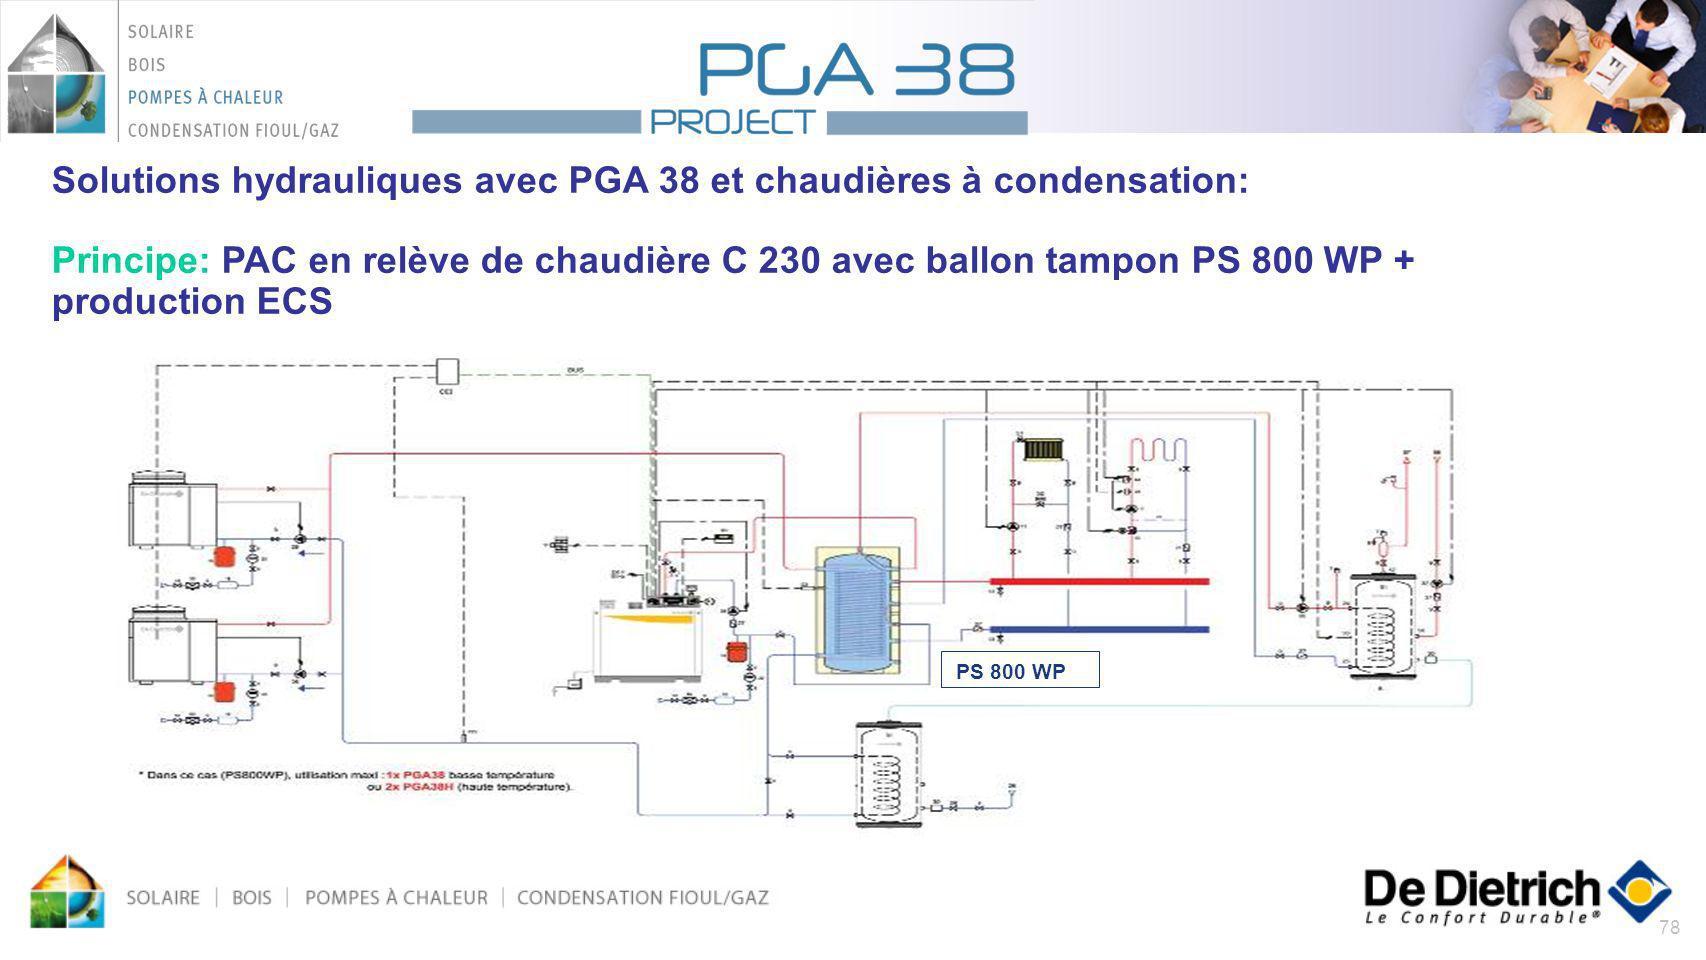 Solutions hydrauliques avec PGA 38 et chaudières à condensation: Principe: PAC en relève de chaudière C 230 avec ballon tampon PS 800 WP + production ECS